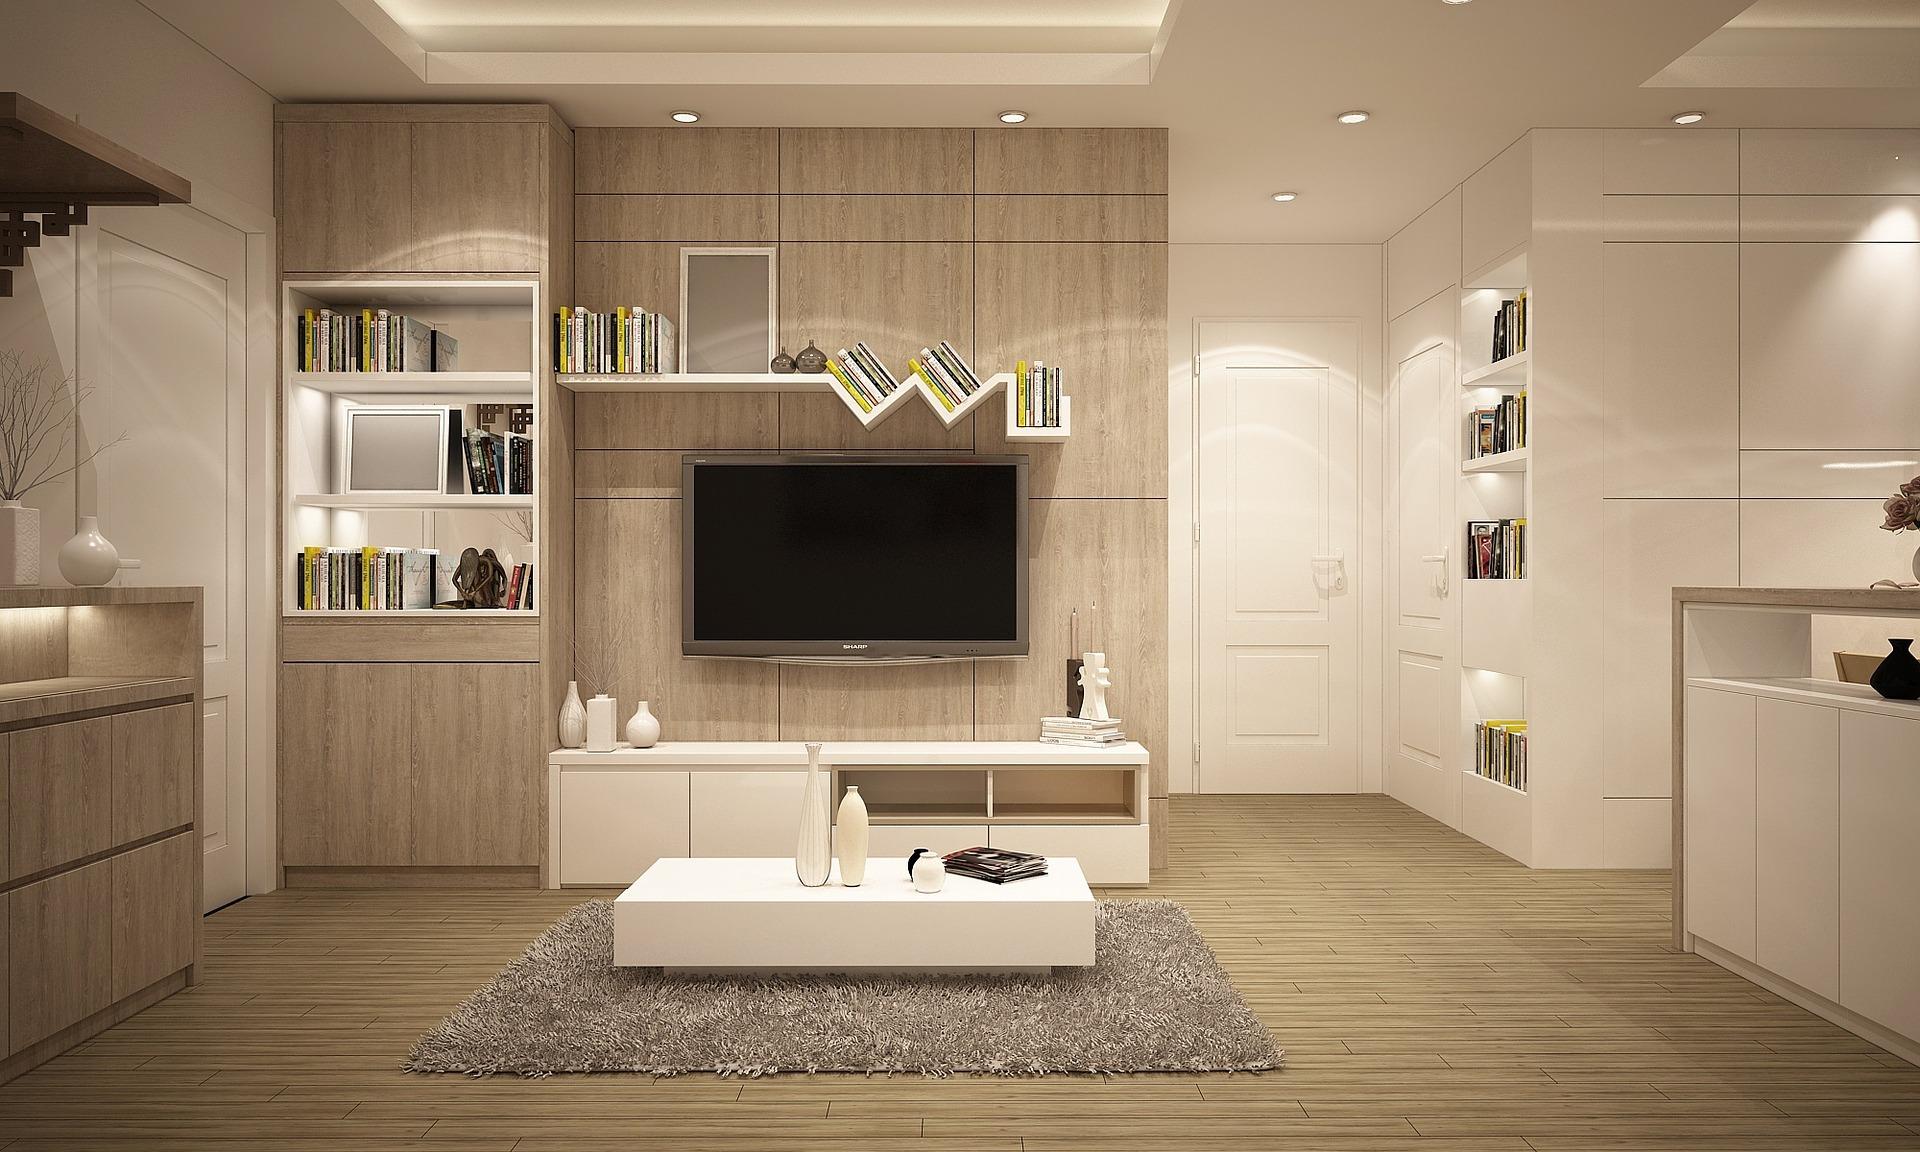 dasMassmöbel-Wohnzimmer-Fernseher-Kommode